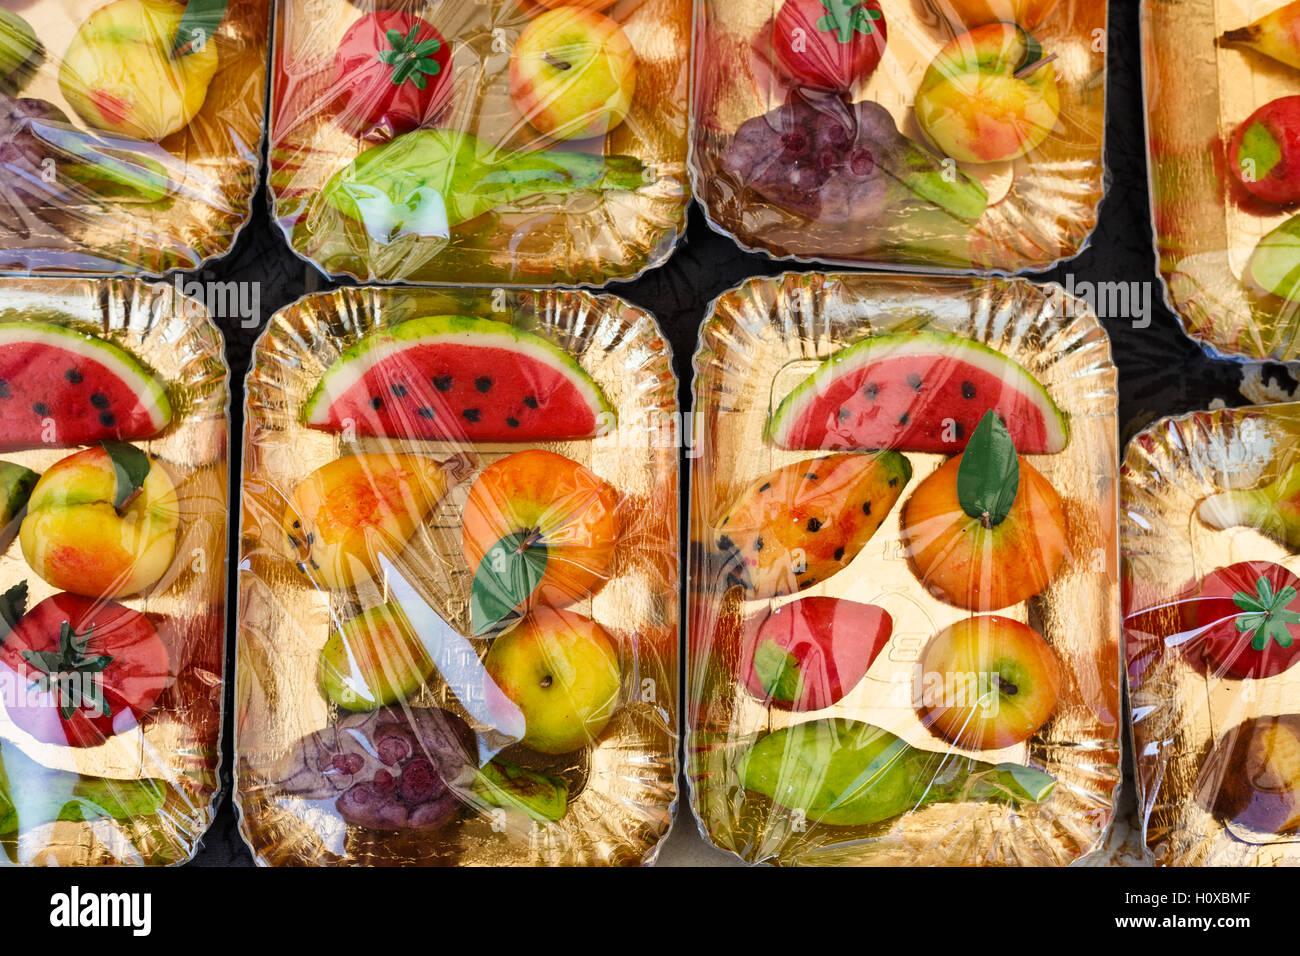 Frutta Martorana, Marzipan Spezialitäten aus Sizilien, Italien Stockbild